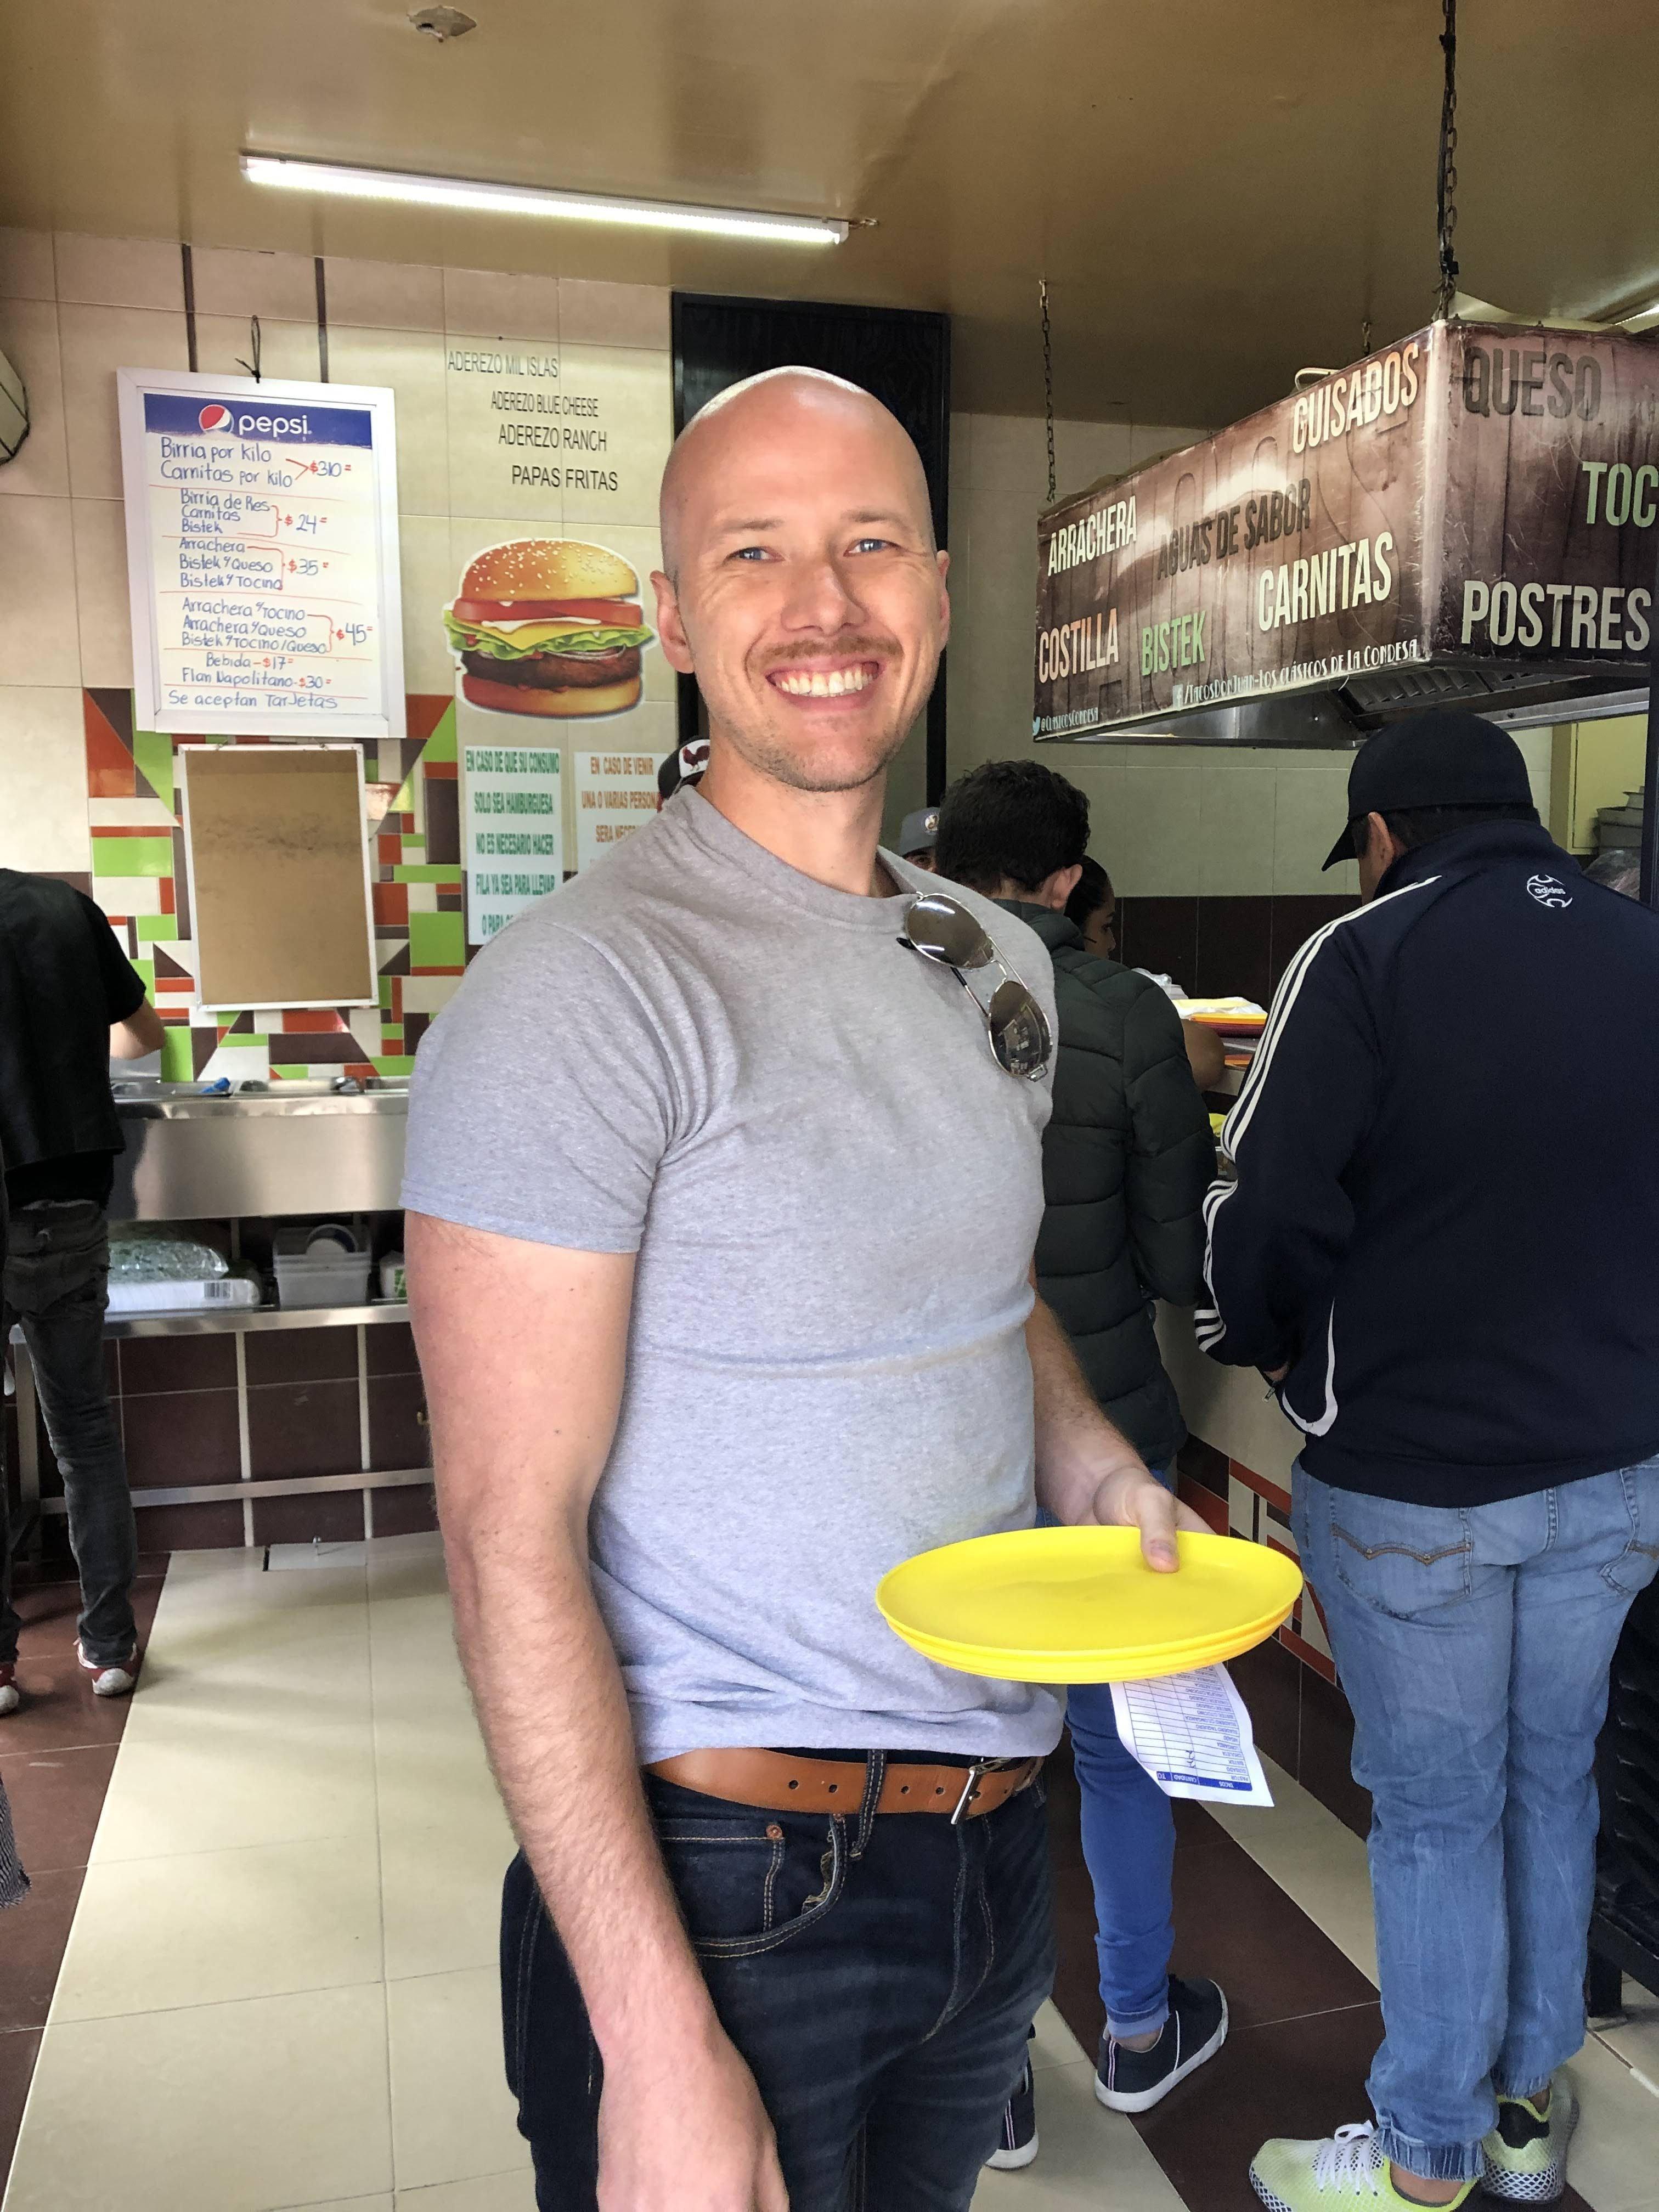 Tacos Don Juan in Condesa